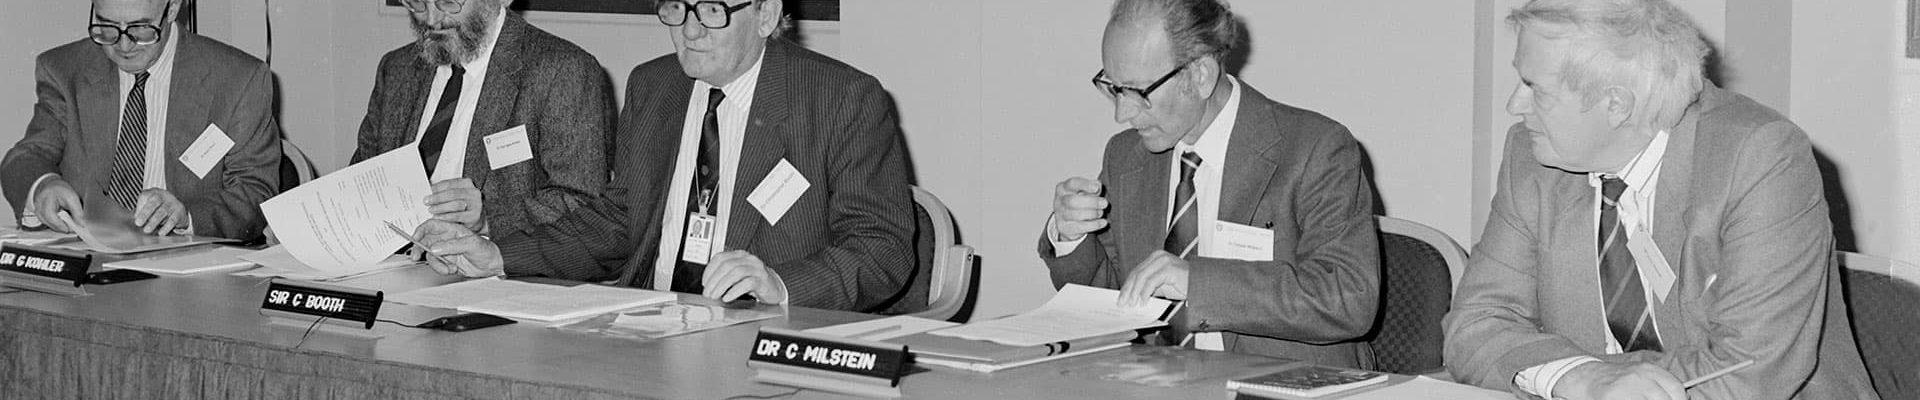 César Milstein y el poder de la discusión